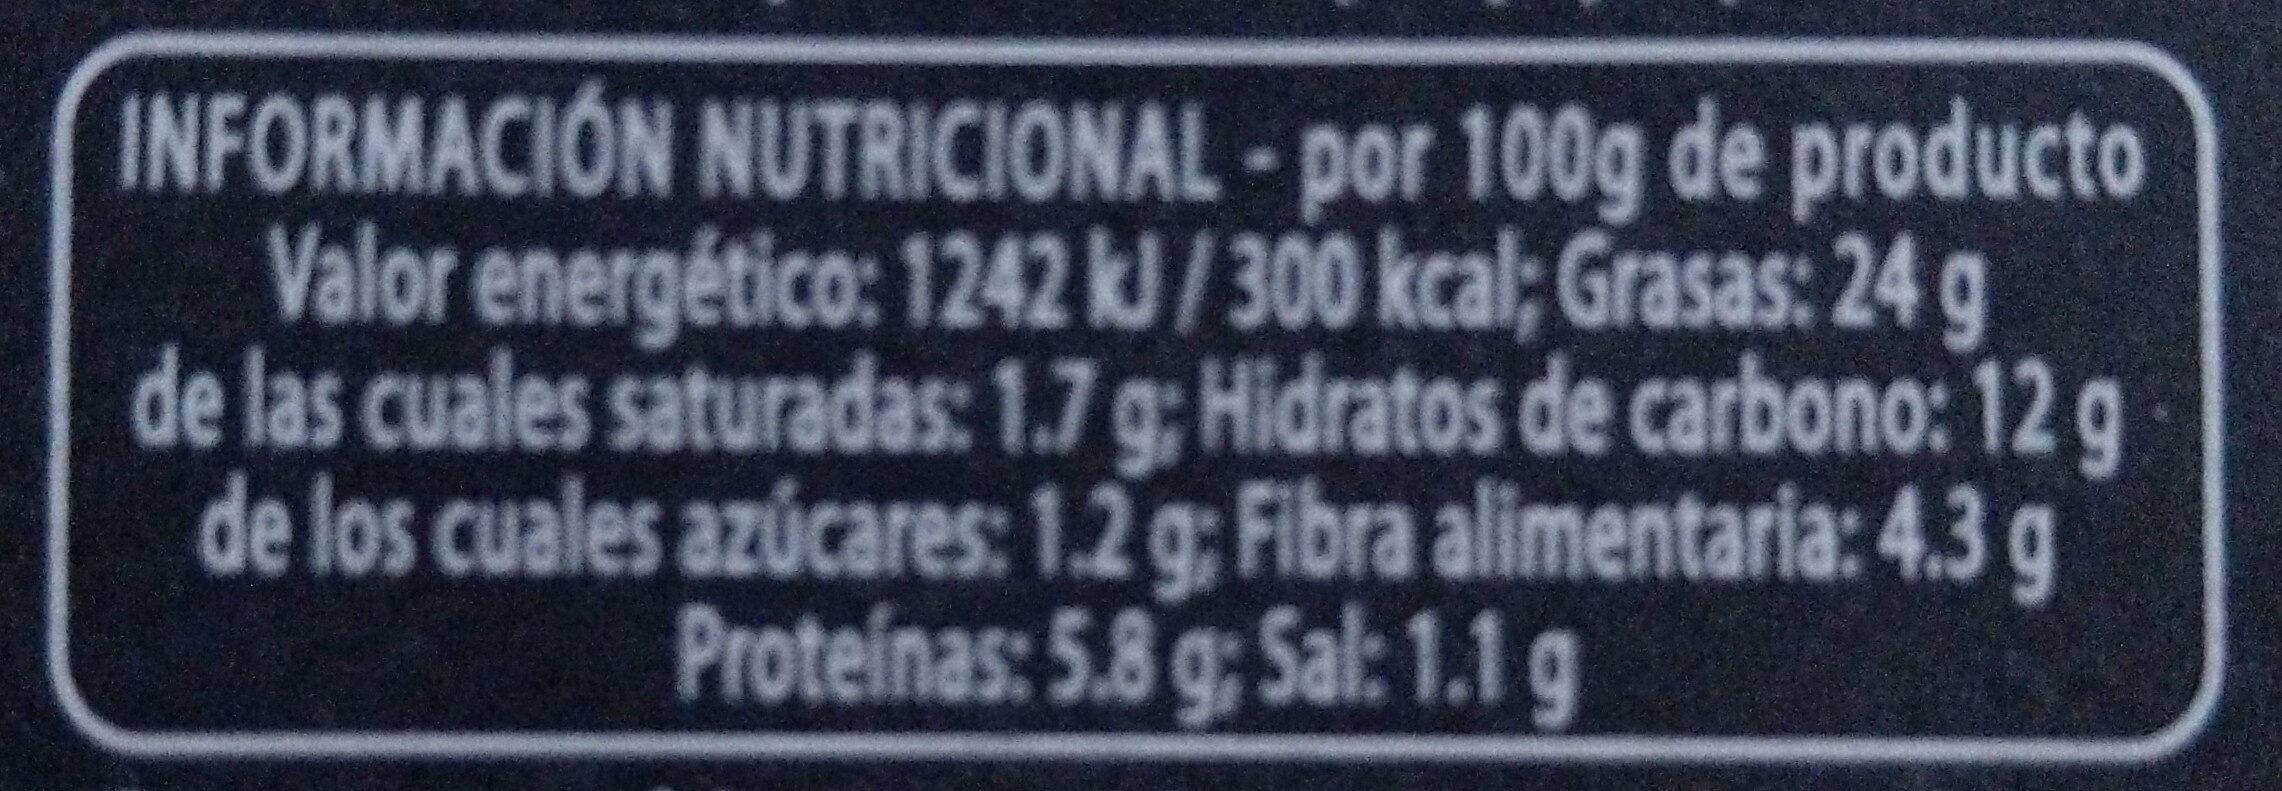 Hummus a la Menta - Información nutricional